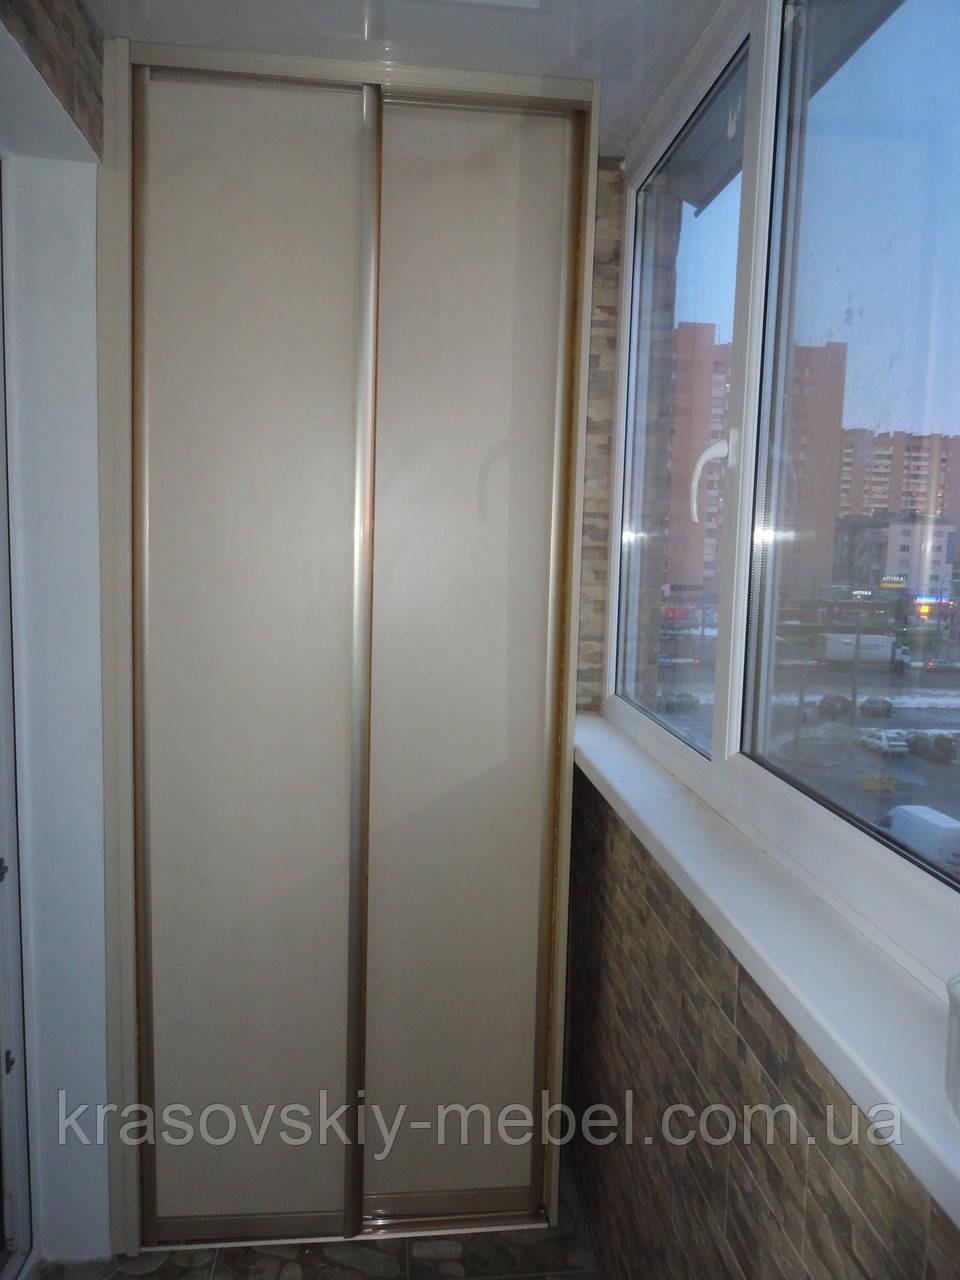 Шкаф на балкон в харькове. услуги на prom.ua.